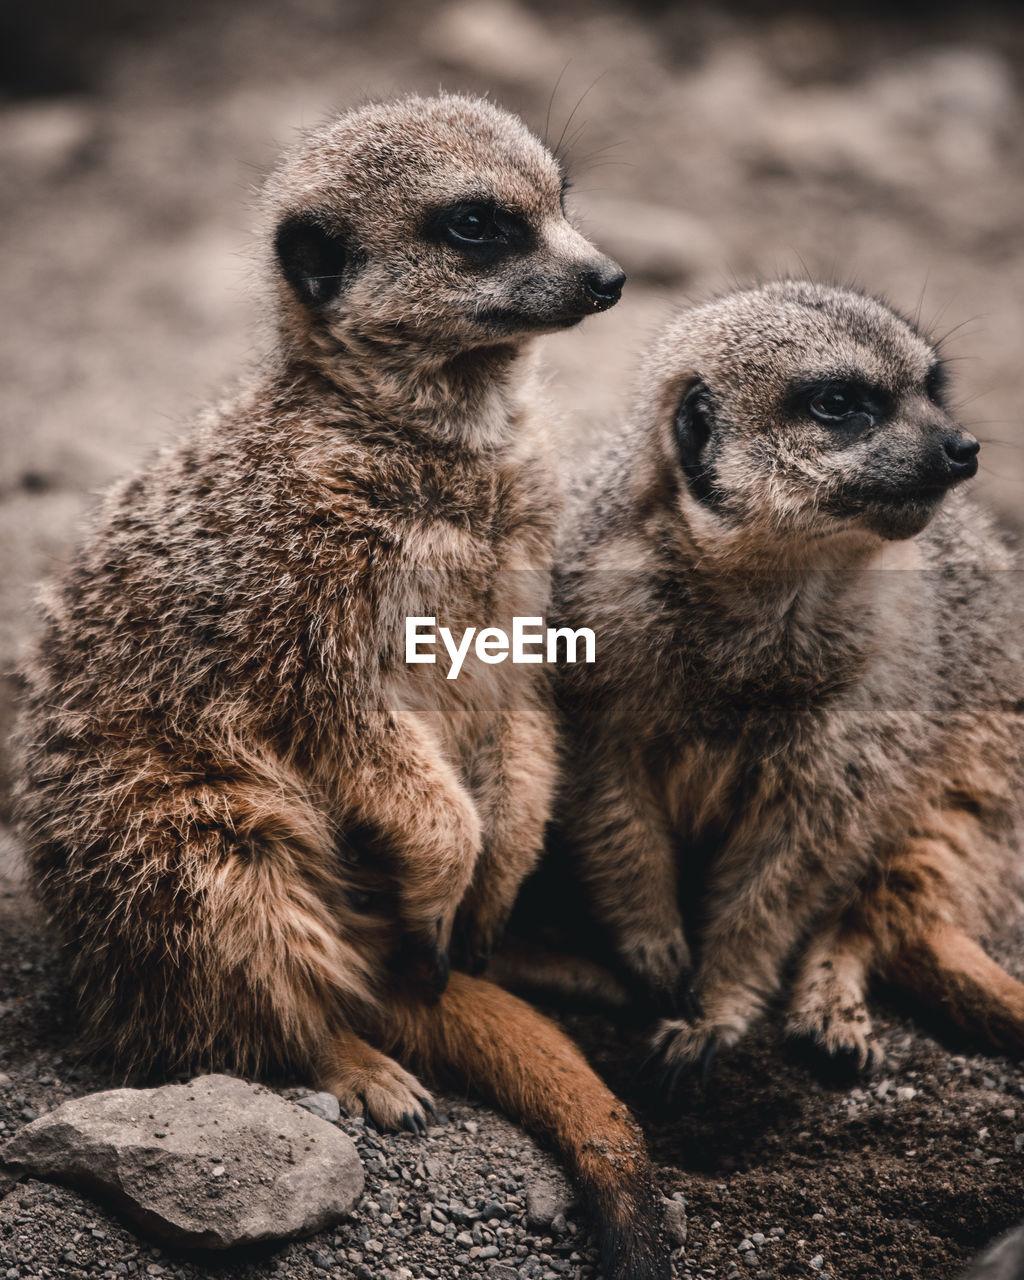 Close-up of meerkats looking away